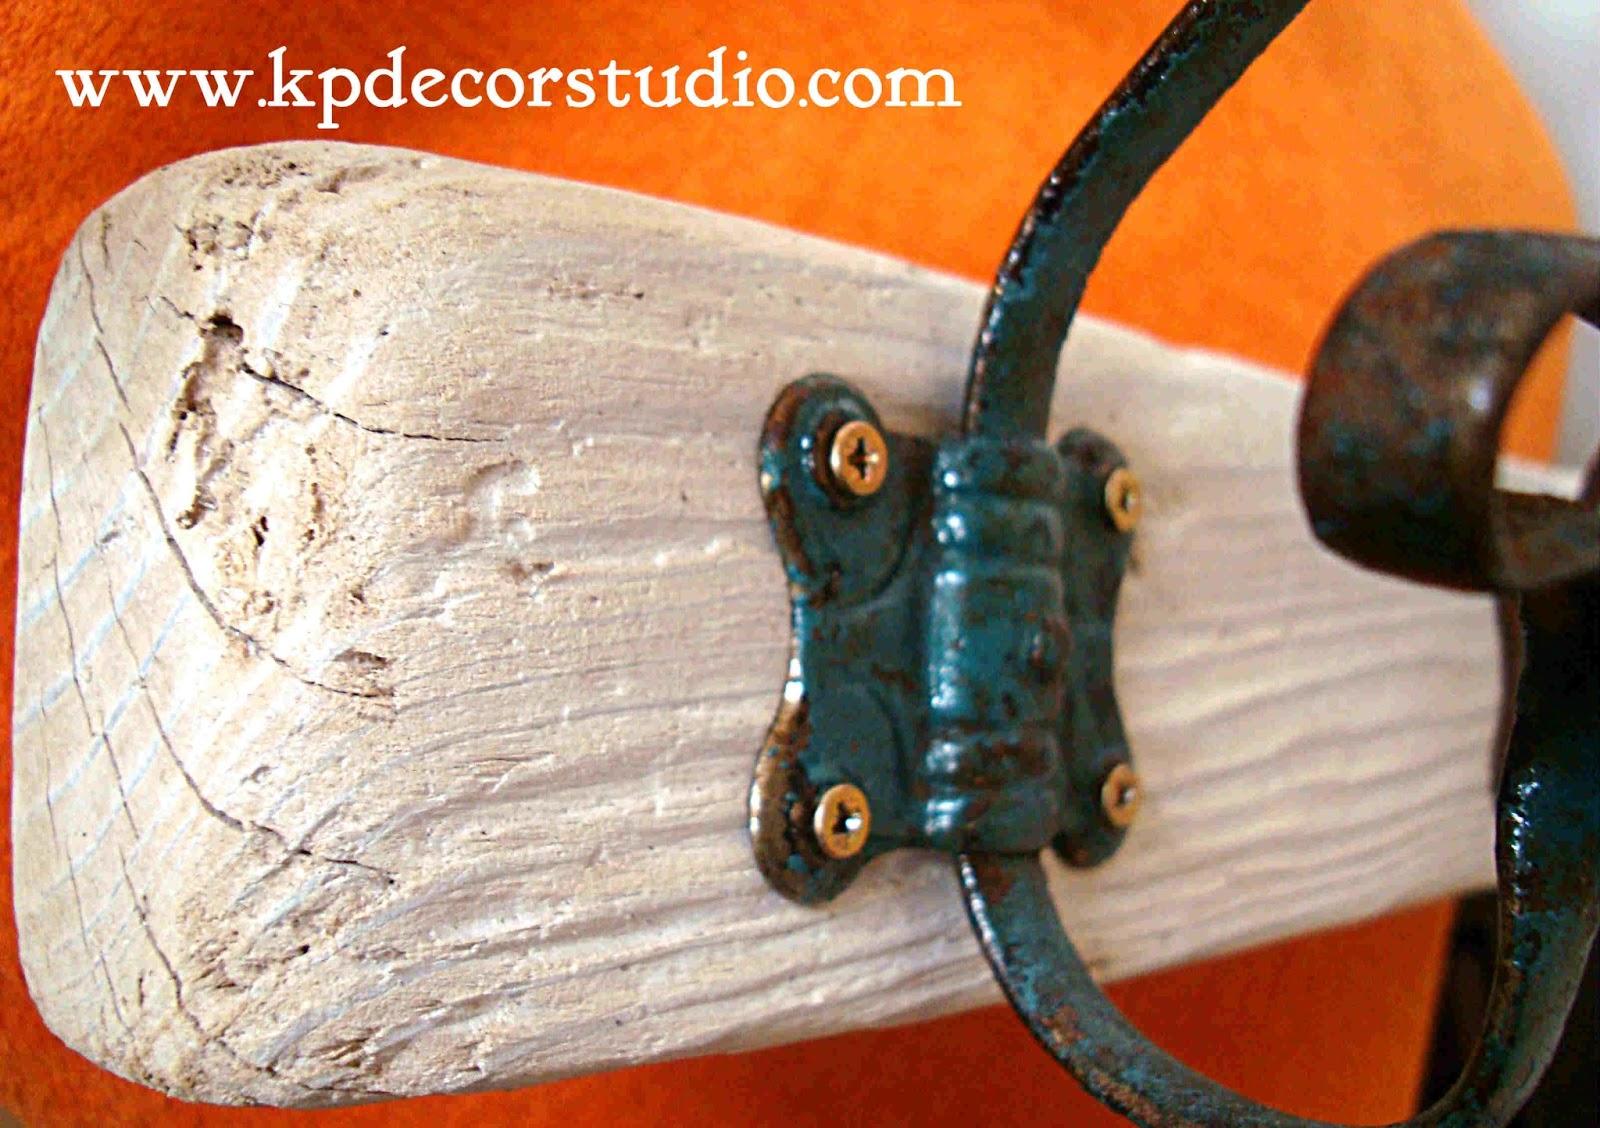 Kp tienda vintage online perchero artesanal de madera con - Percheros de pared clasicos ...